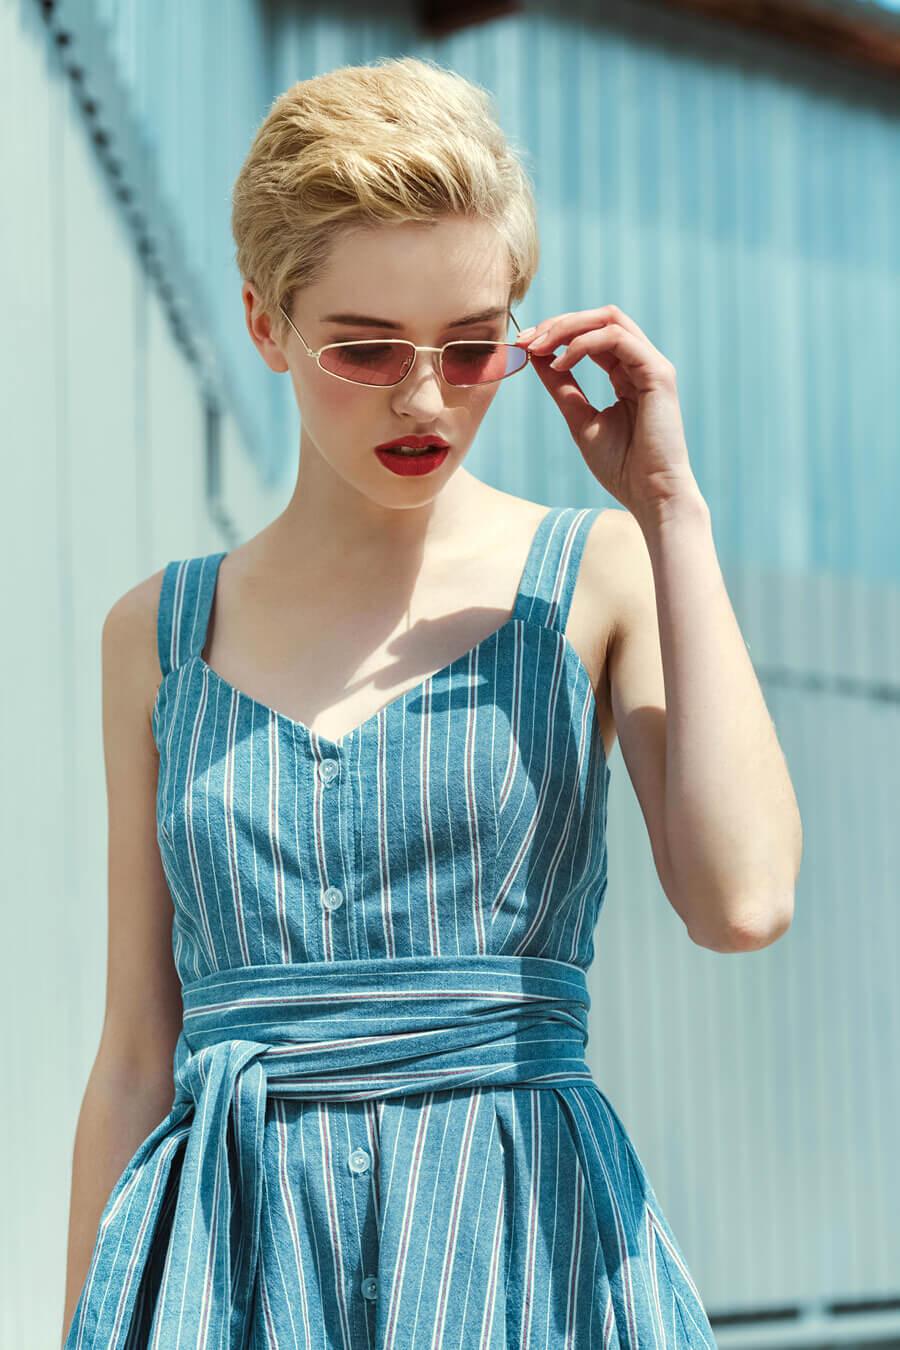 Soldes 2019 : robes d'été selon les styles